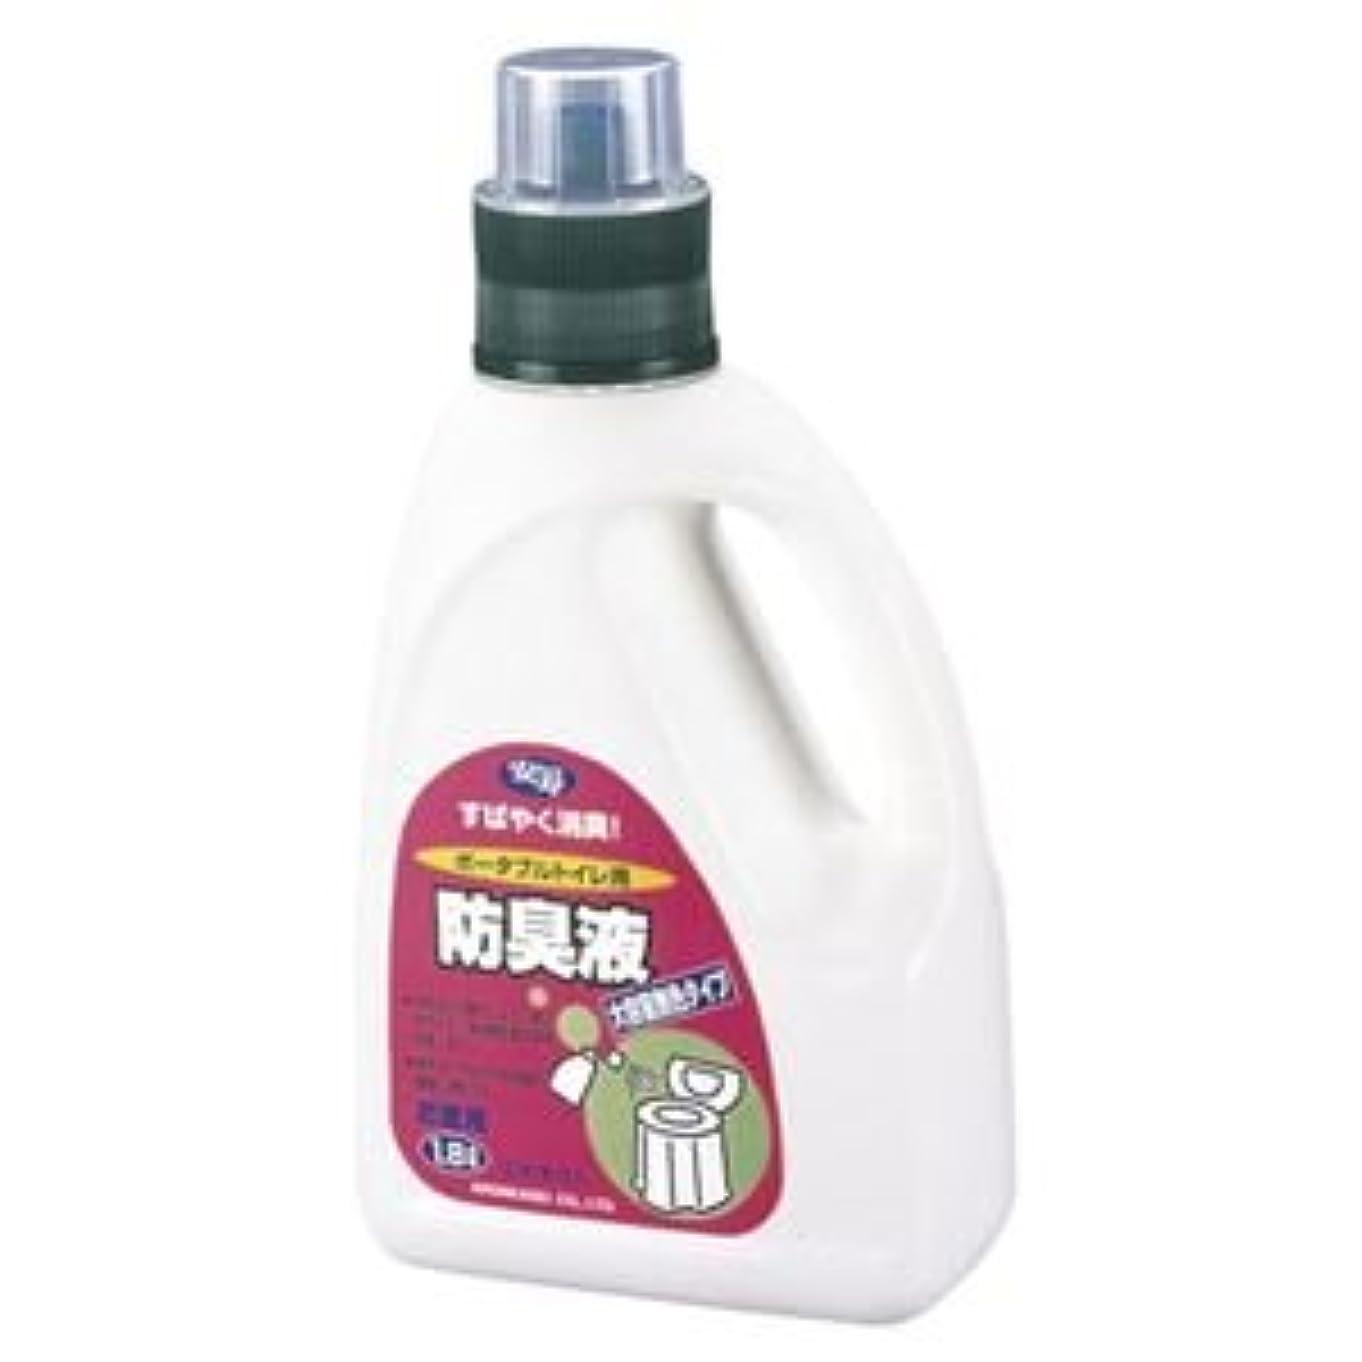 セメント縮約過剰アロン化成 ポータブルトイレ用防臭液 大容量無色 ds-1915713